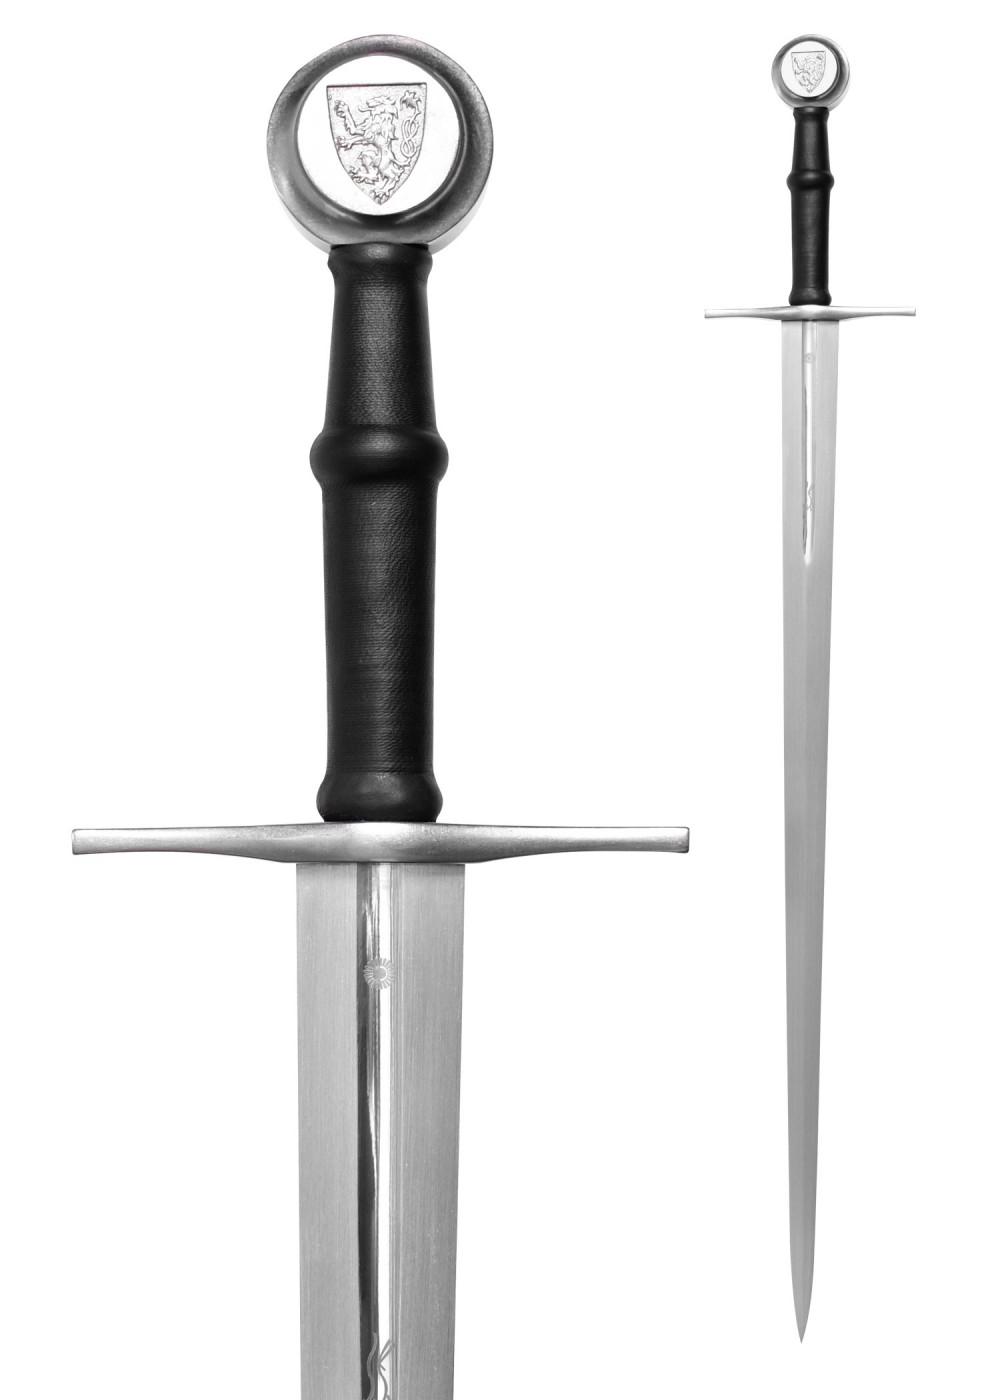 Bild Nr. 3 Eineinhalbhandschwert Schaukampfschwert